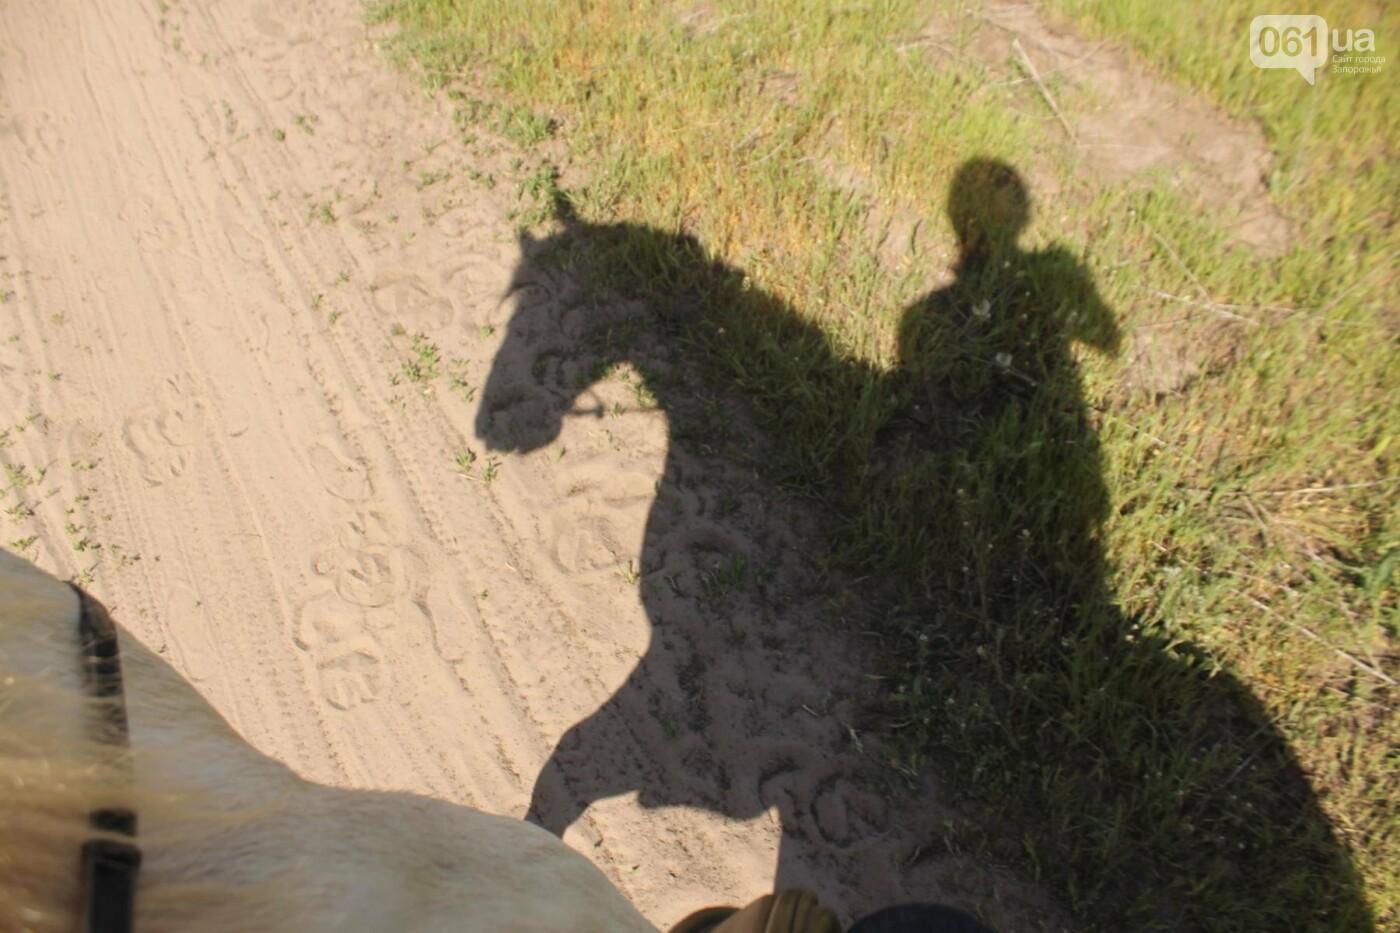 Незабываемое общение с лошадьми: экскурсия в конноспортивный клуб «Патриот», – ФОТОРЕПОРТАЖ, фото-18